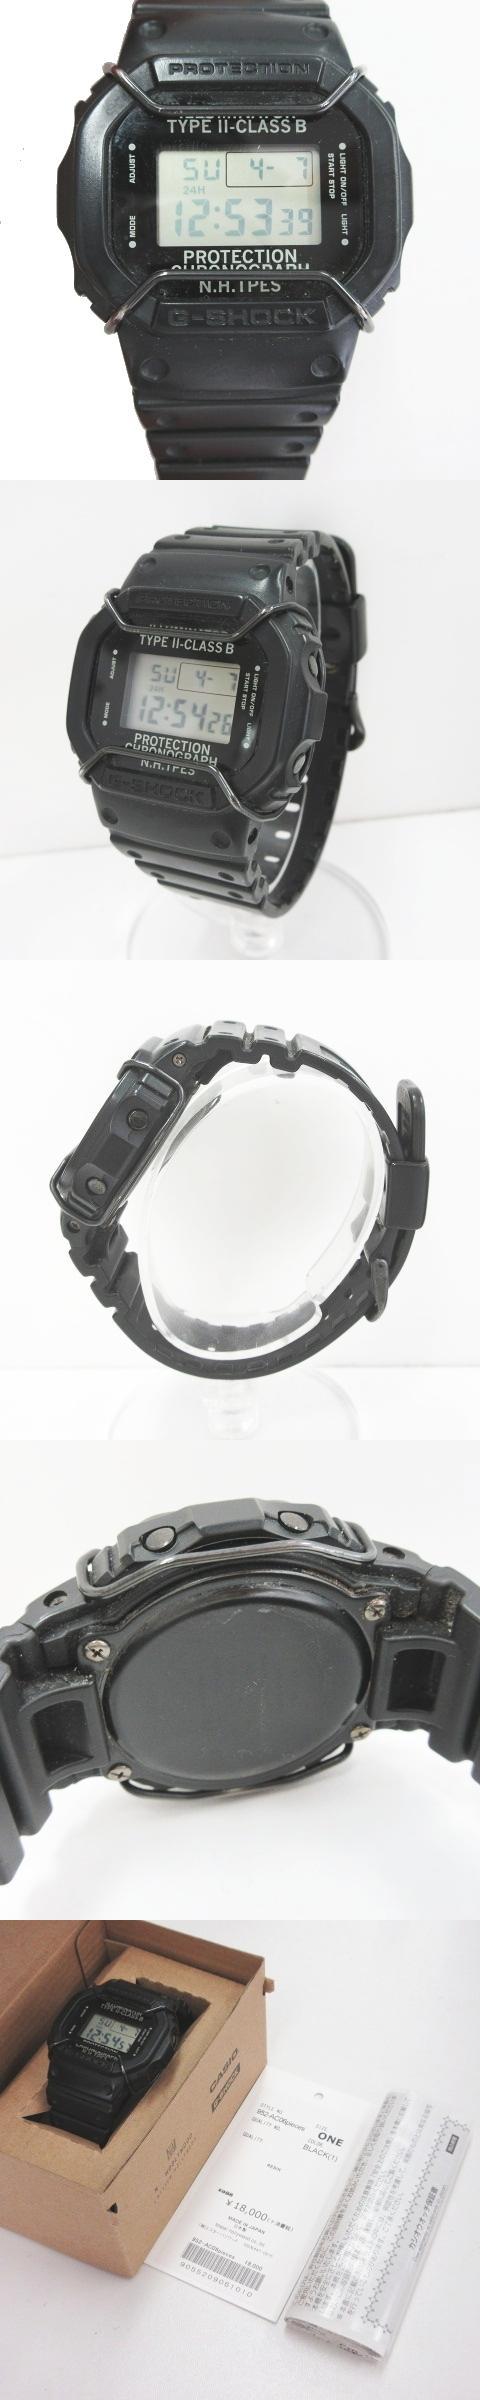 ×N.HOOLYWOOD/ミスターハリウッド デジタル 腕時計 DW-5600NH-1JR ブラック